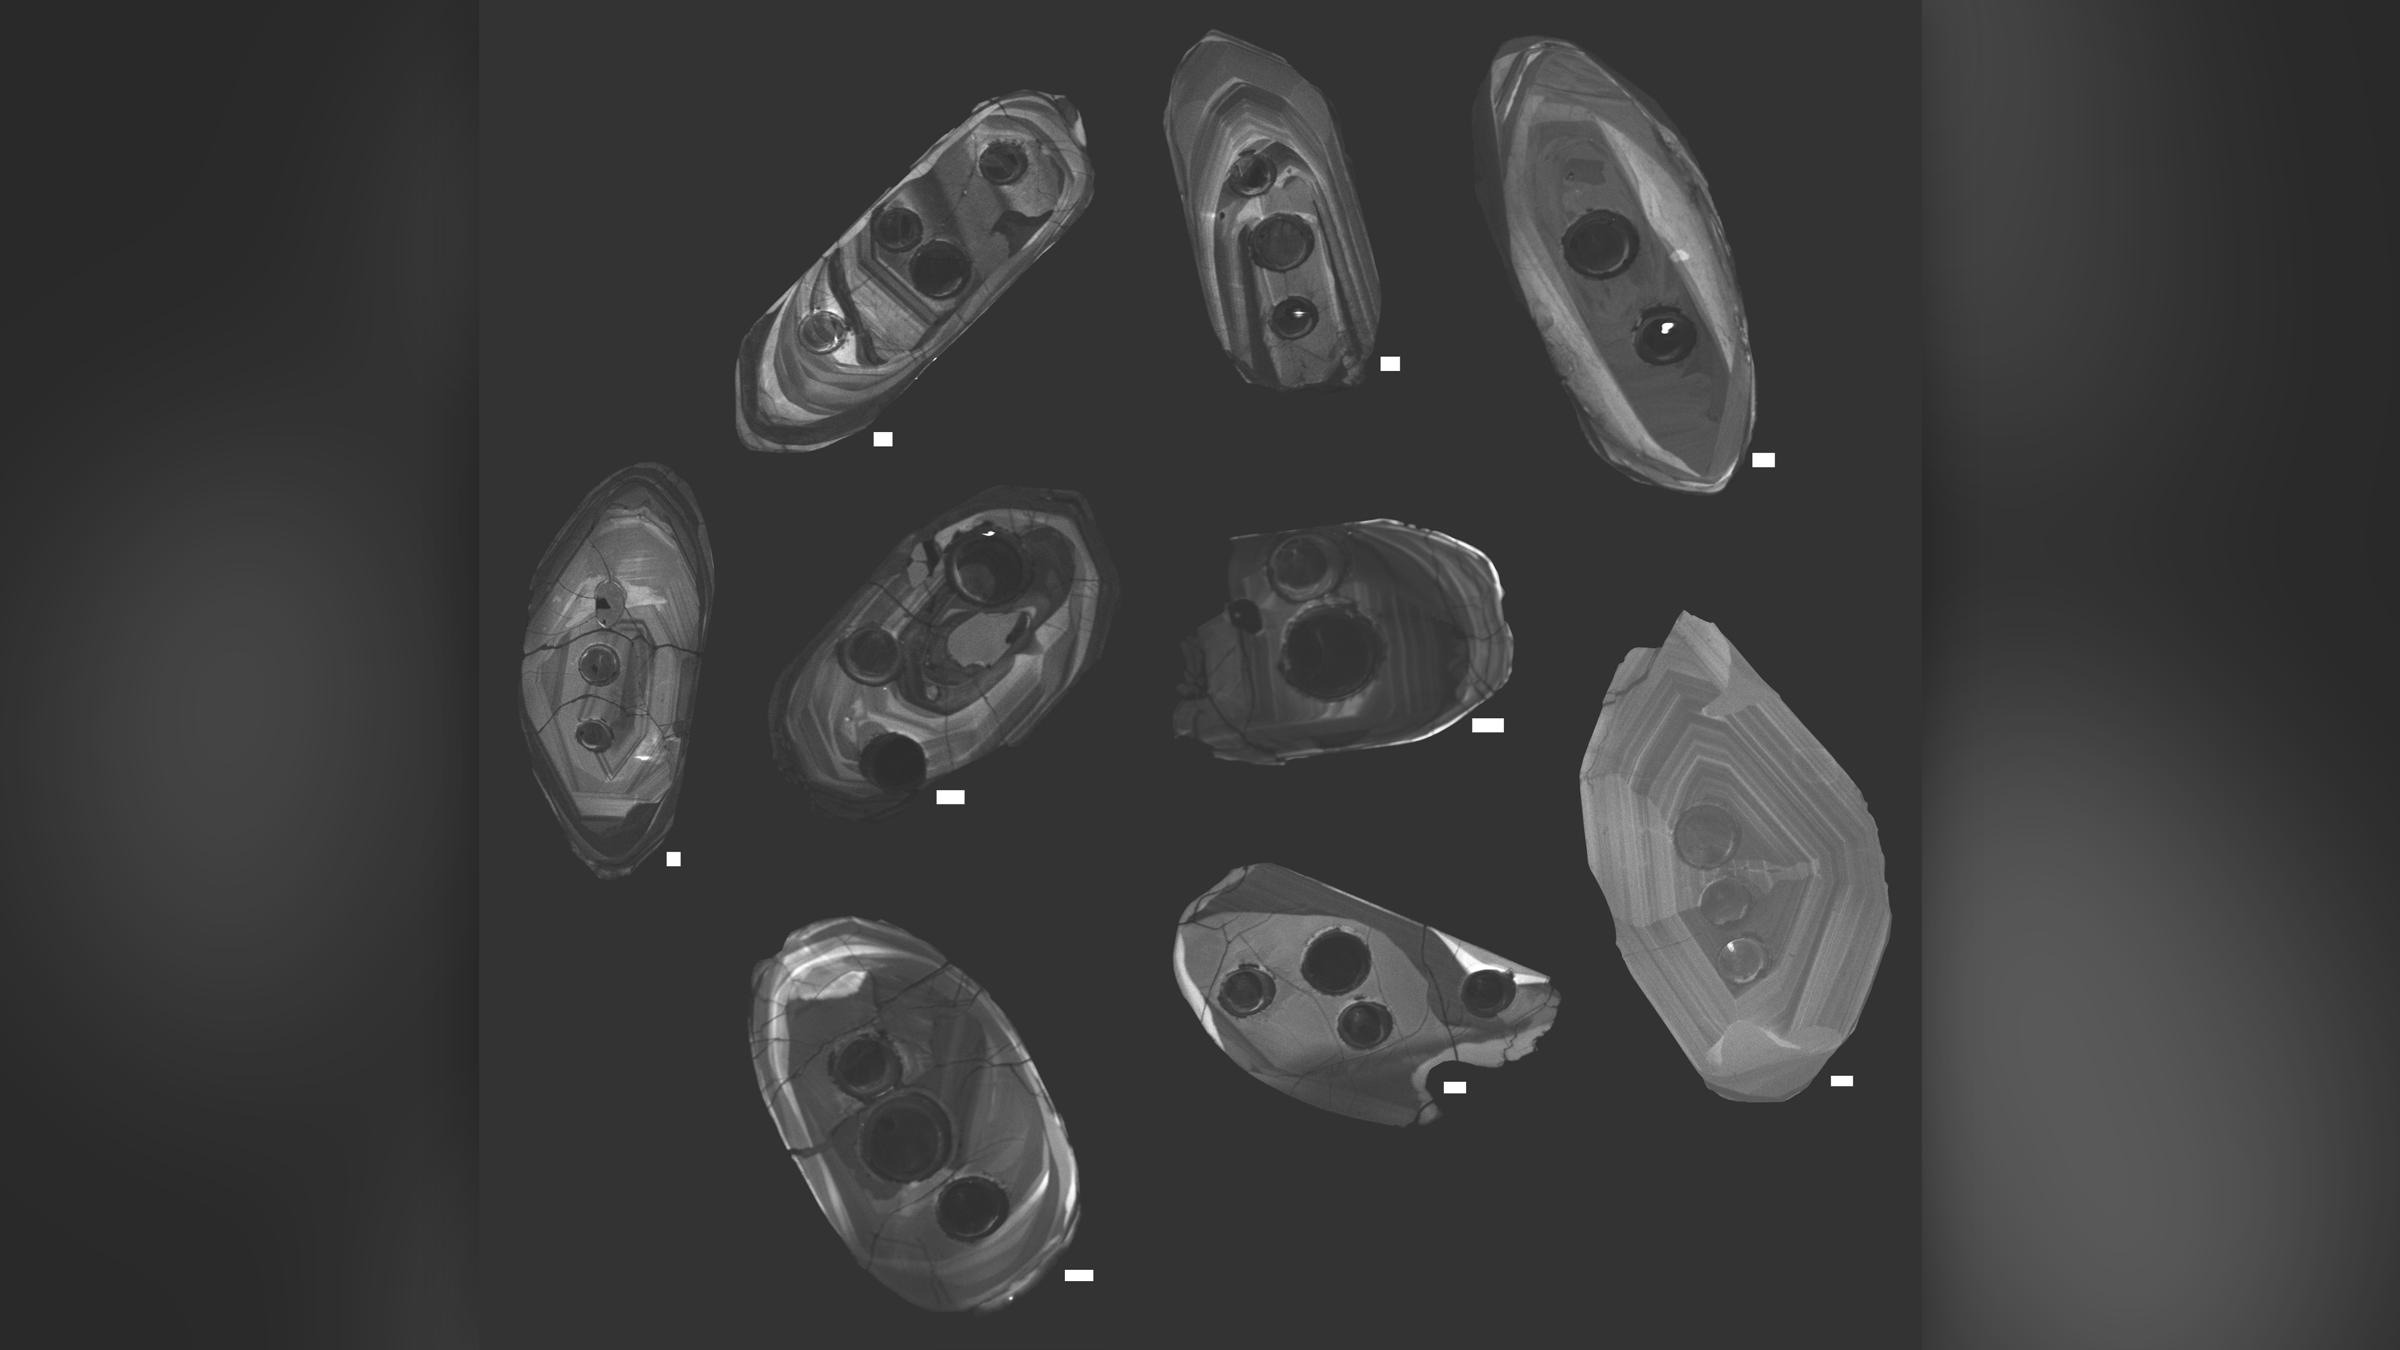 Cristaux de zircon qui ont été photographiés par cathodoluminescence, une méthode qui a permis à l'équipe d'imager l'intérieur des cristaux à l'aide d'un microscope électronique à balayage spécialisé.  Remarquez les cernes sur les zircons - ce sont des cavités laissées par le laser qui a été utilisé pour déterminer l'âge et la chimie des zircons.